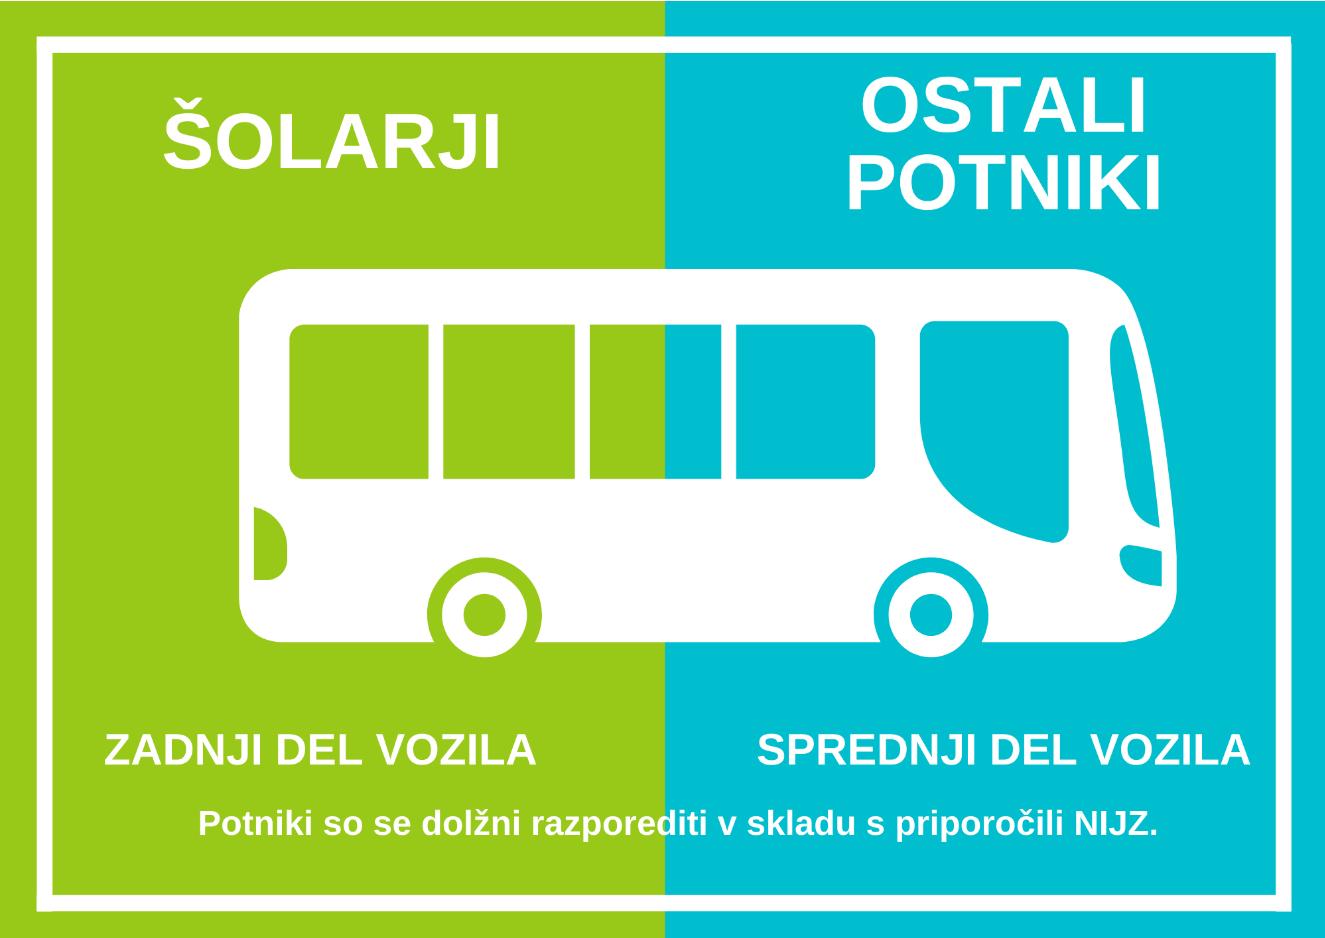 Obveščamo vas, da bo v torek, 26. januarja 2021, medkrajevni javni potniški promet v vseh regijah v Sloveniji začel obratovati po običajnem režimu vožnje (šolski režim). Tudi mestni promet Kranj, Jesenice in Škofja loka prehajajo na šolski režim. Mednarodni linije se do nadaljnjega ne bodo izvajale.